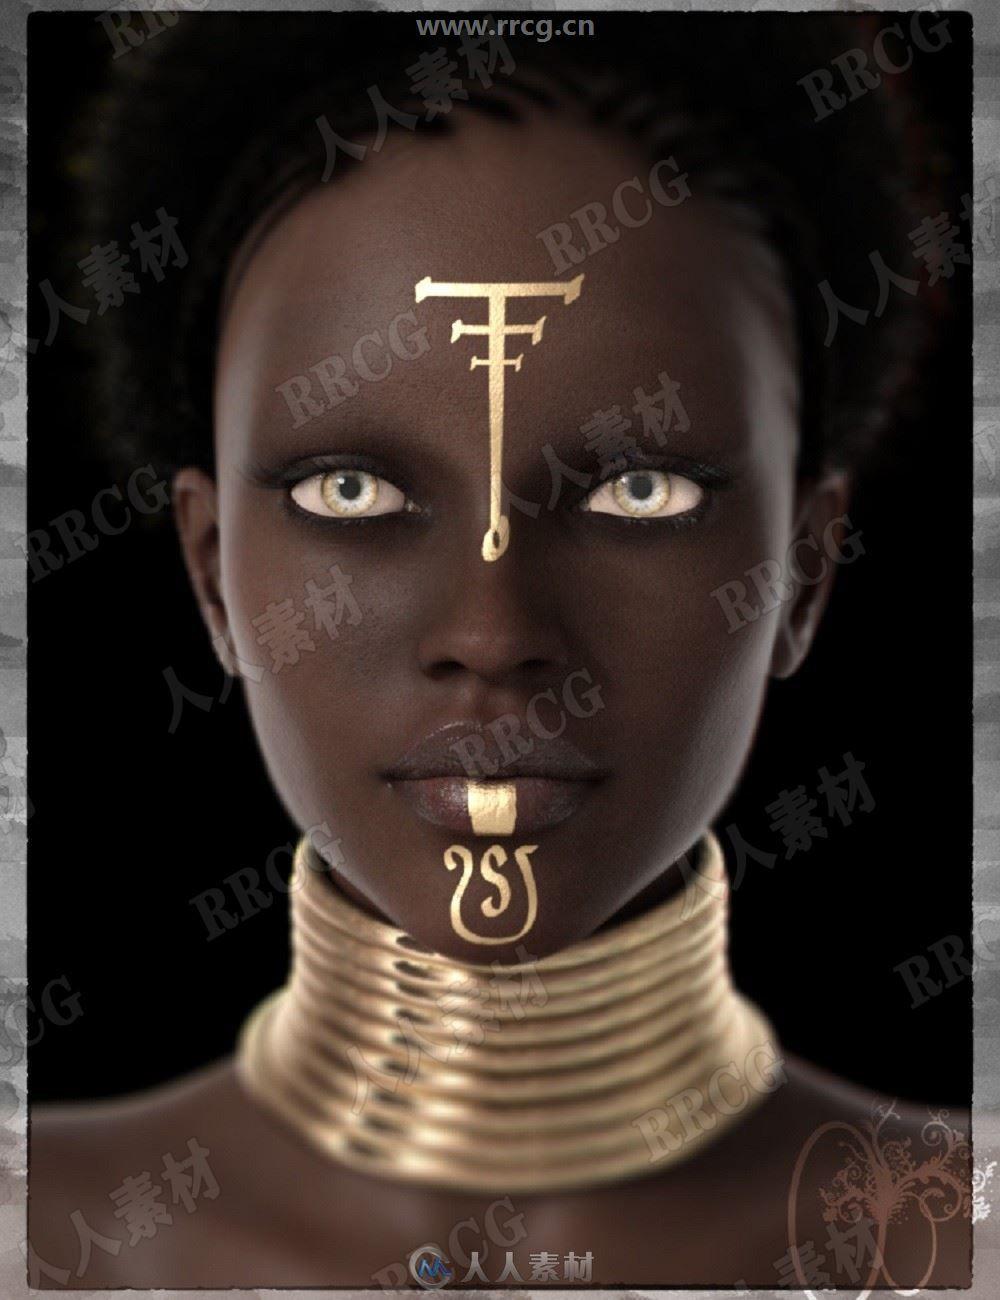 身材苗条手工雕刻金属嘴唇阴影非洲部落女王3D模型合集